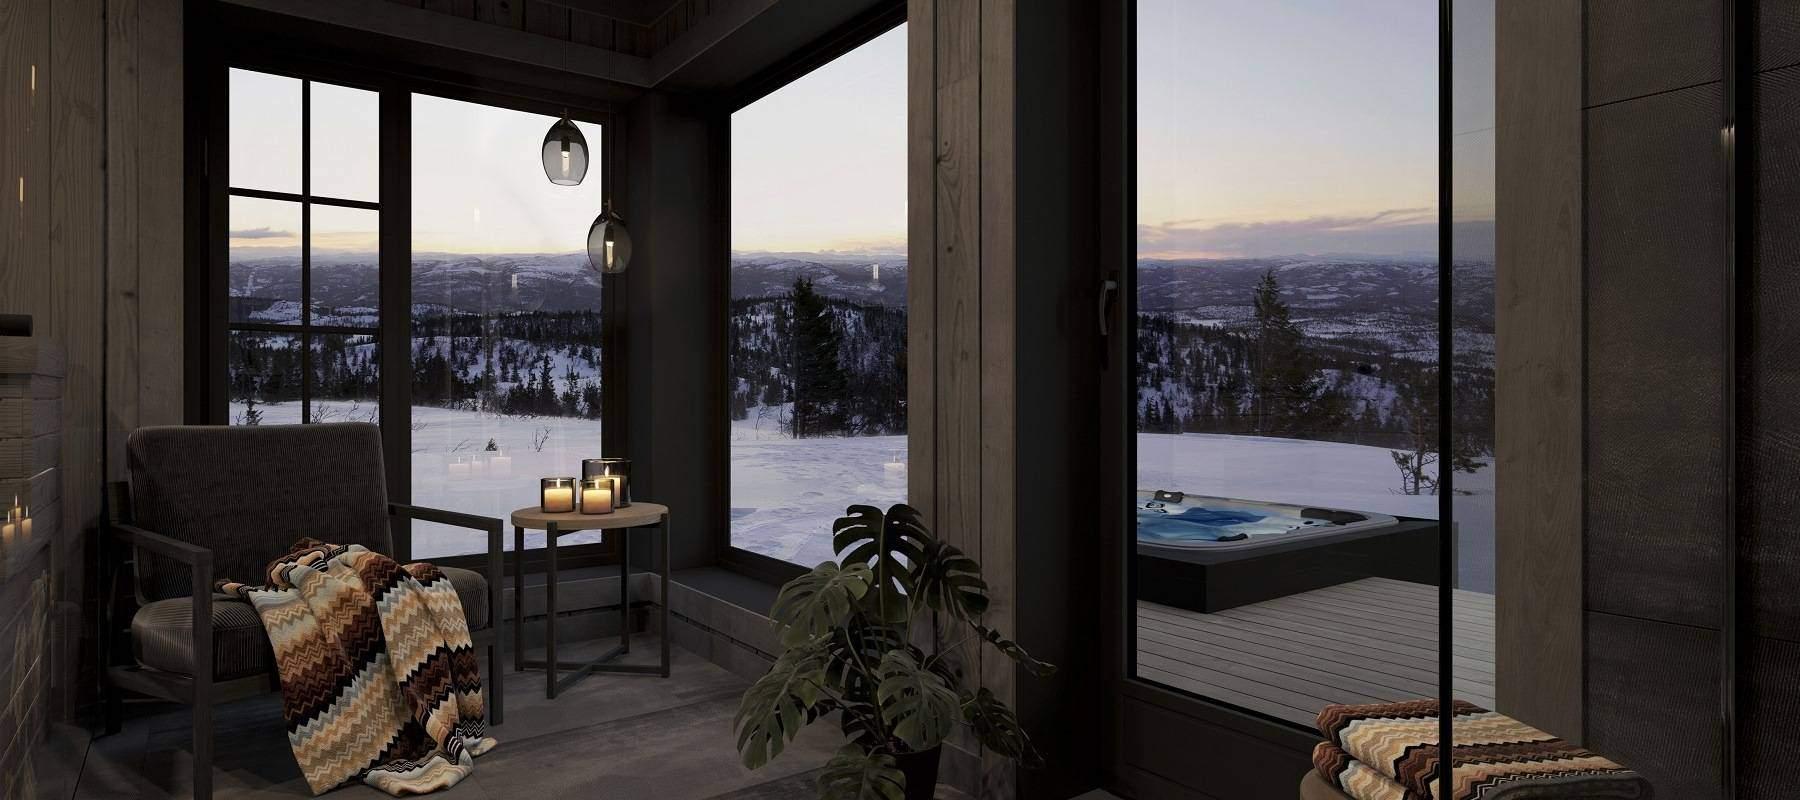 26 Hytte Geilo 155. Spabad plass til avslapping med naturen som skue.